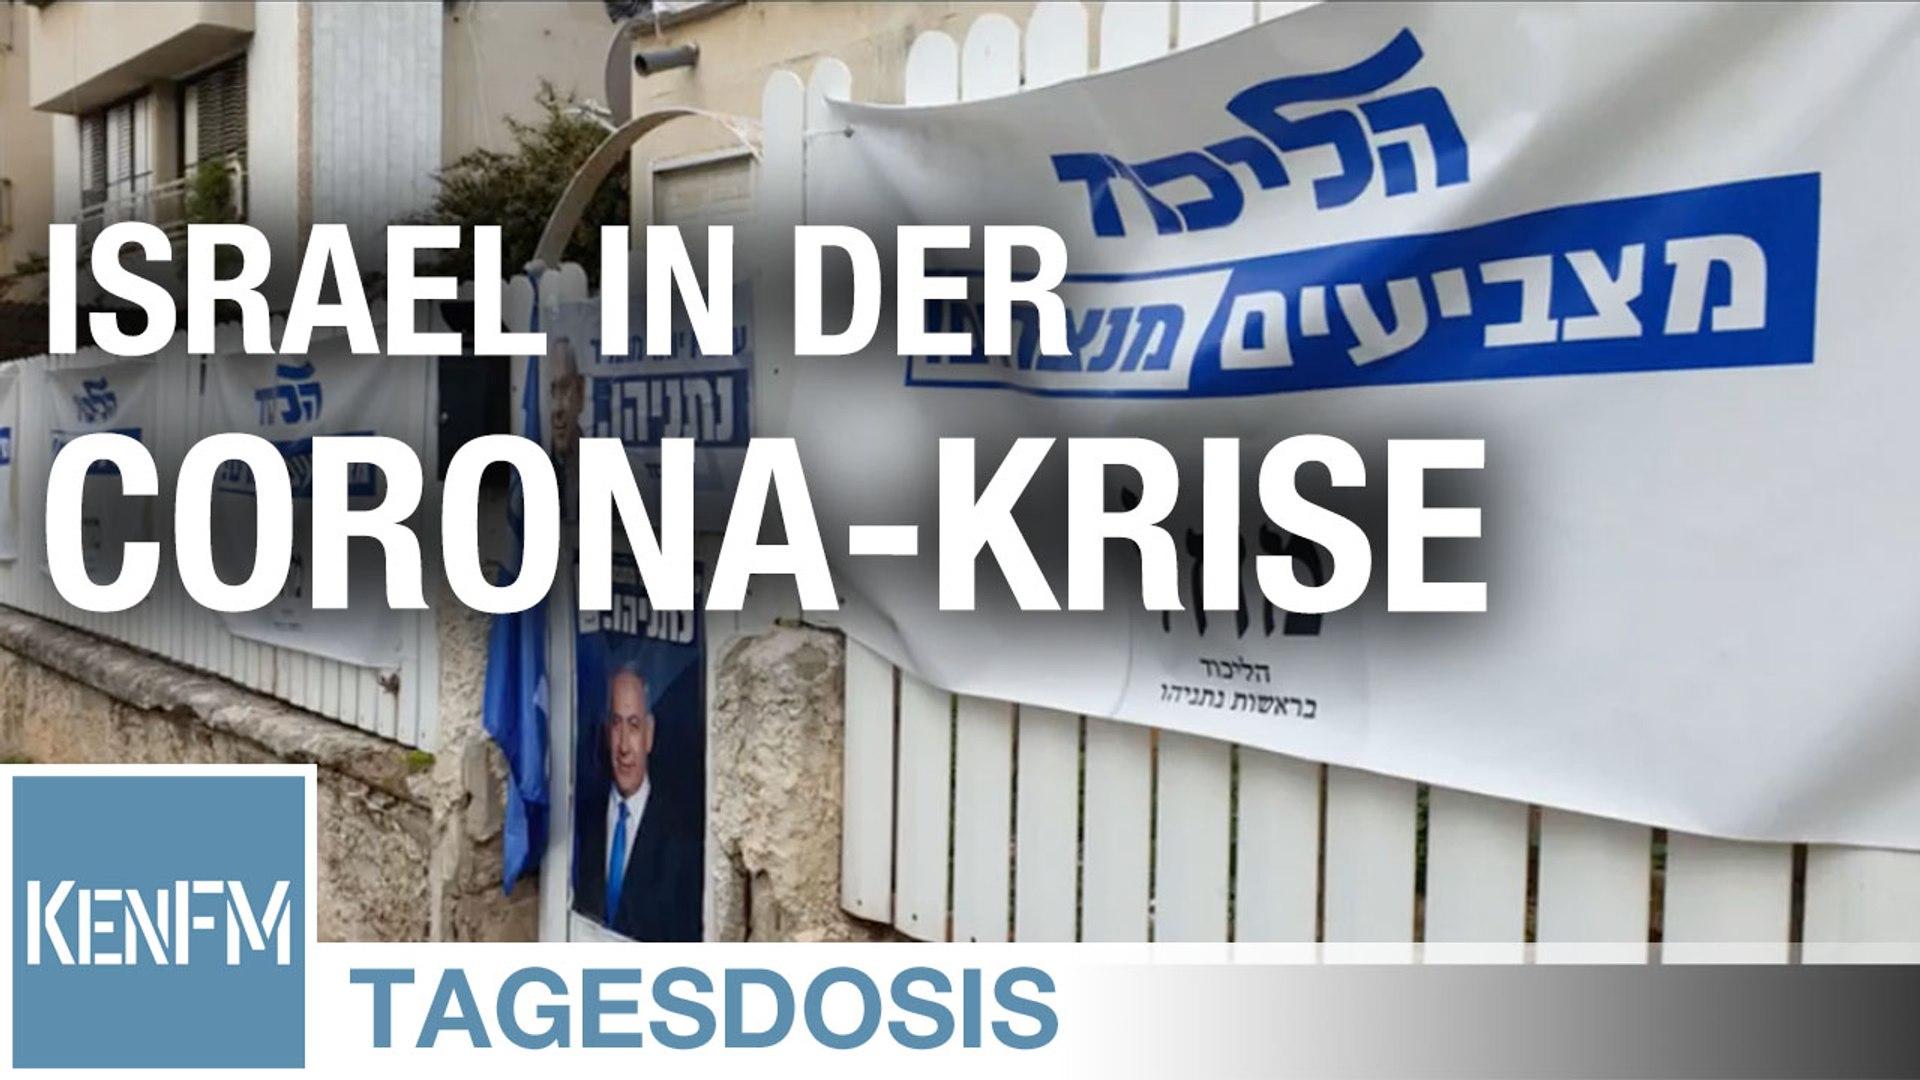 Tagesdosis 1.5.2020 - Israel in der Corona-Krise